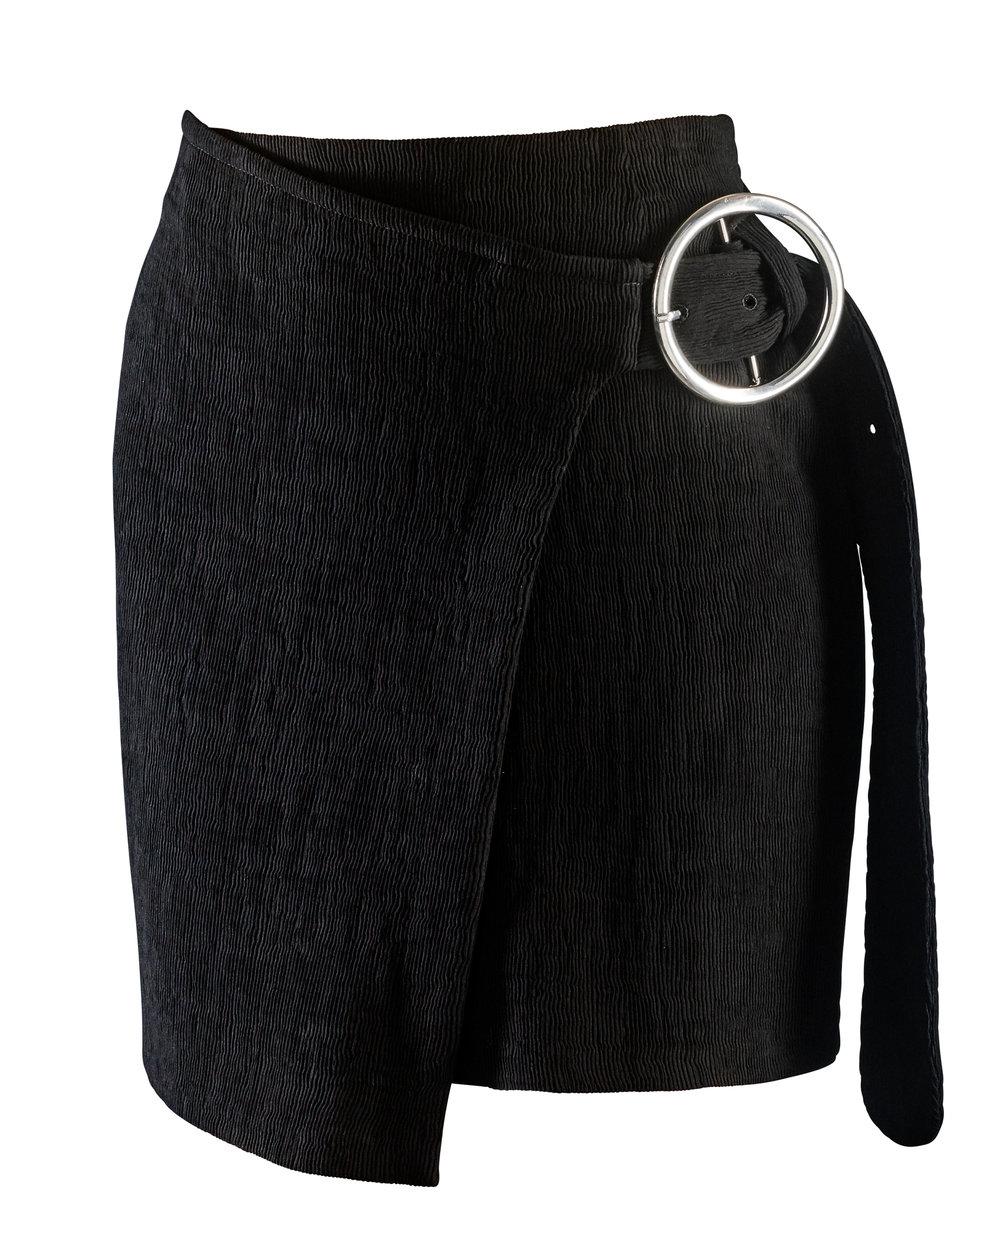 Moiré_2050nok_Mystic Skirt_XS-L_(front).jpg